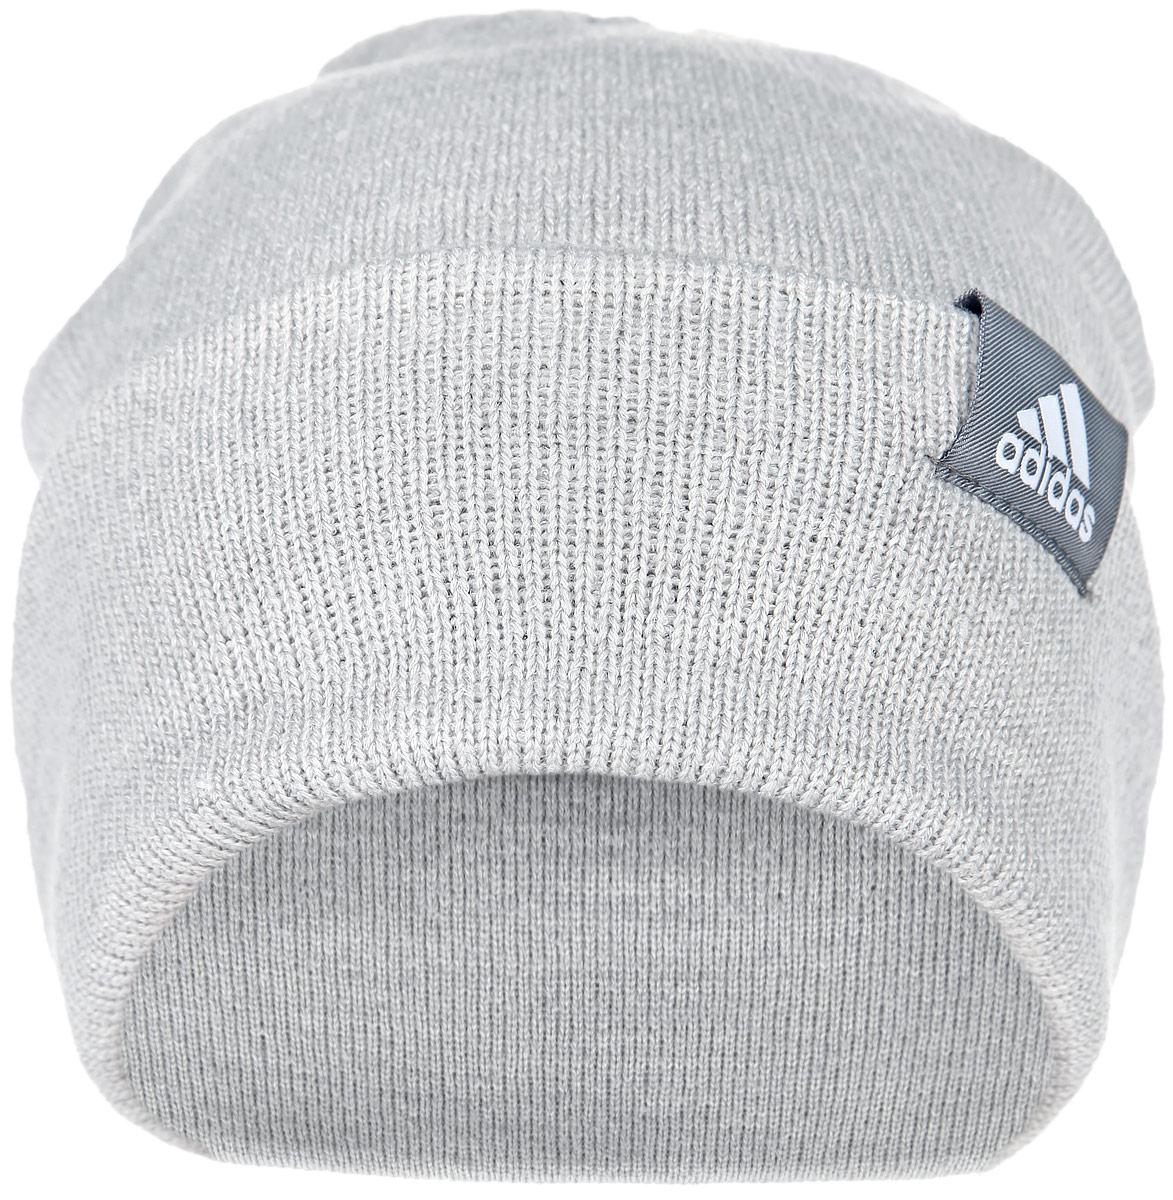 Шапка Performance. AB03AB0349Шапка Adidas Performance отлично подойдет для повседневной носки в прохладную погоду. Шапка выполнена из высококачественного акрила, что позволяет ей максимально сохранять тепло и обеспечивает идеальную посадку. Модель выполнена с отворотом. Такая шапка станет модным дополнением к вашему гардеробу. Она подарит вам ощущение тепла и комфорта. Уважаемые клиенты! Размер, доступный для заказа, является обхватом головы.